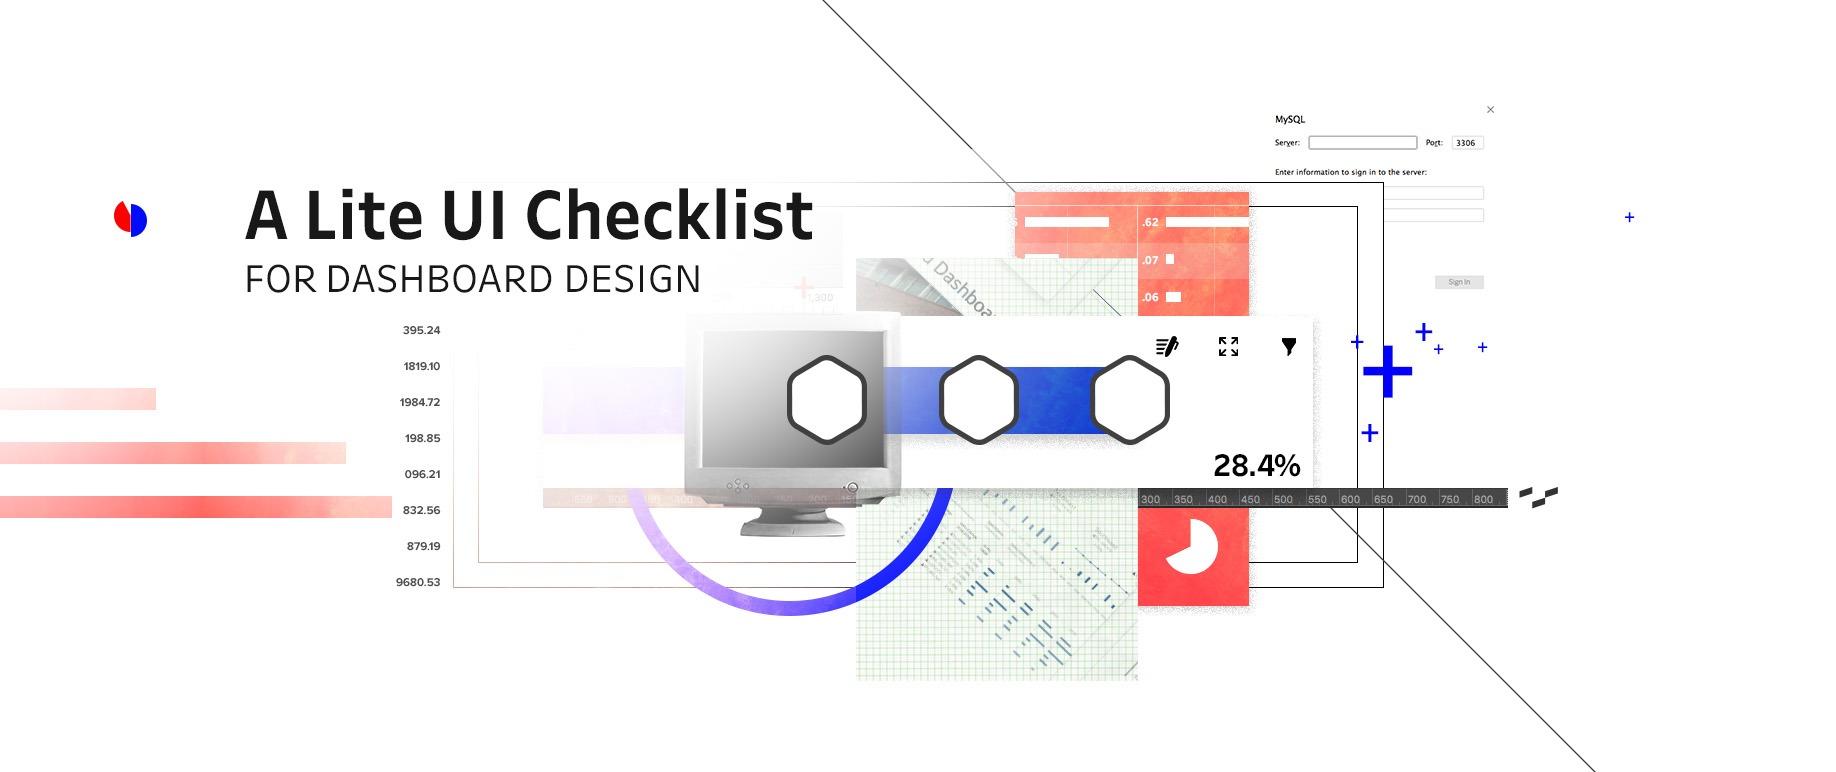 A Lite UI Checklist for Dashboard Design InterWorks